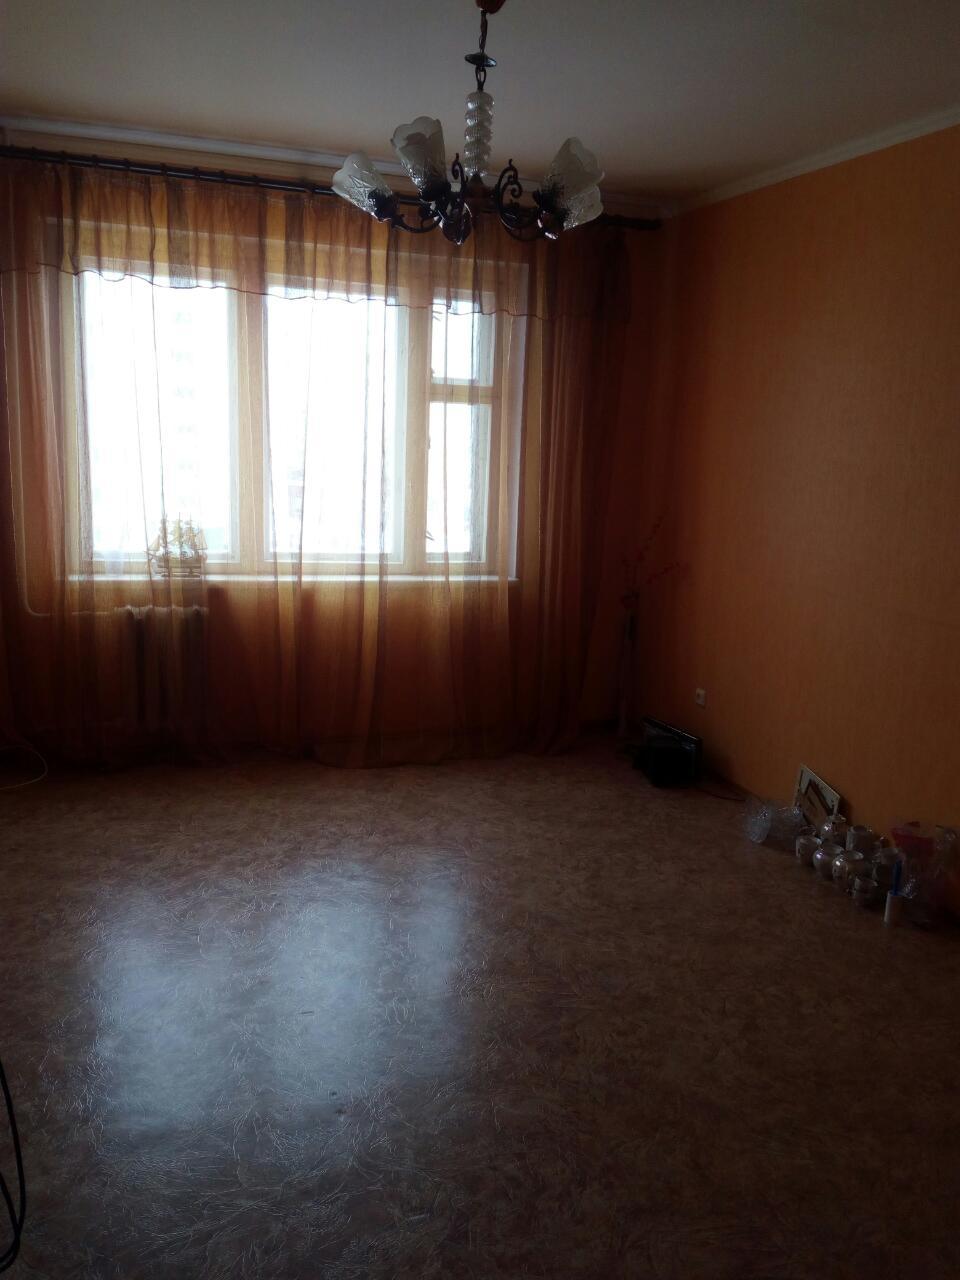 продается 3-комнатная квартираулица саратовское шоссе 85 2 4 10 39 69 11квартира в хоро ...